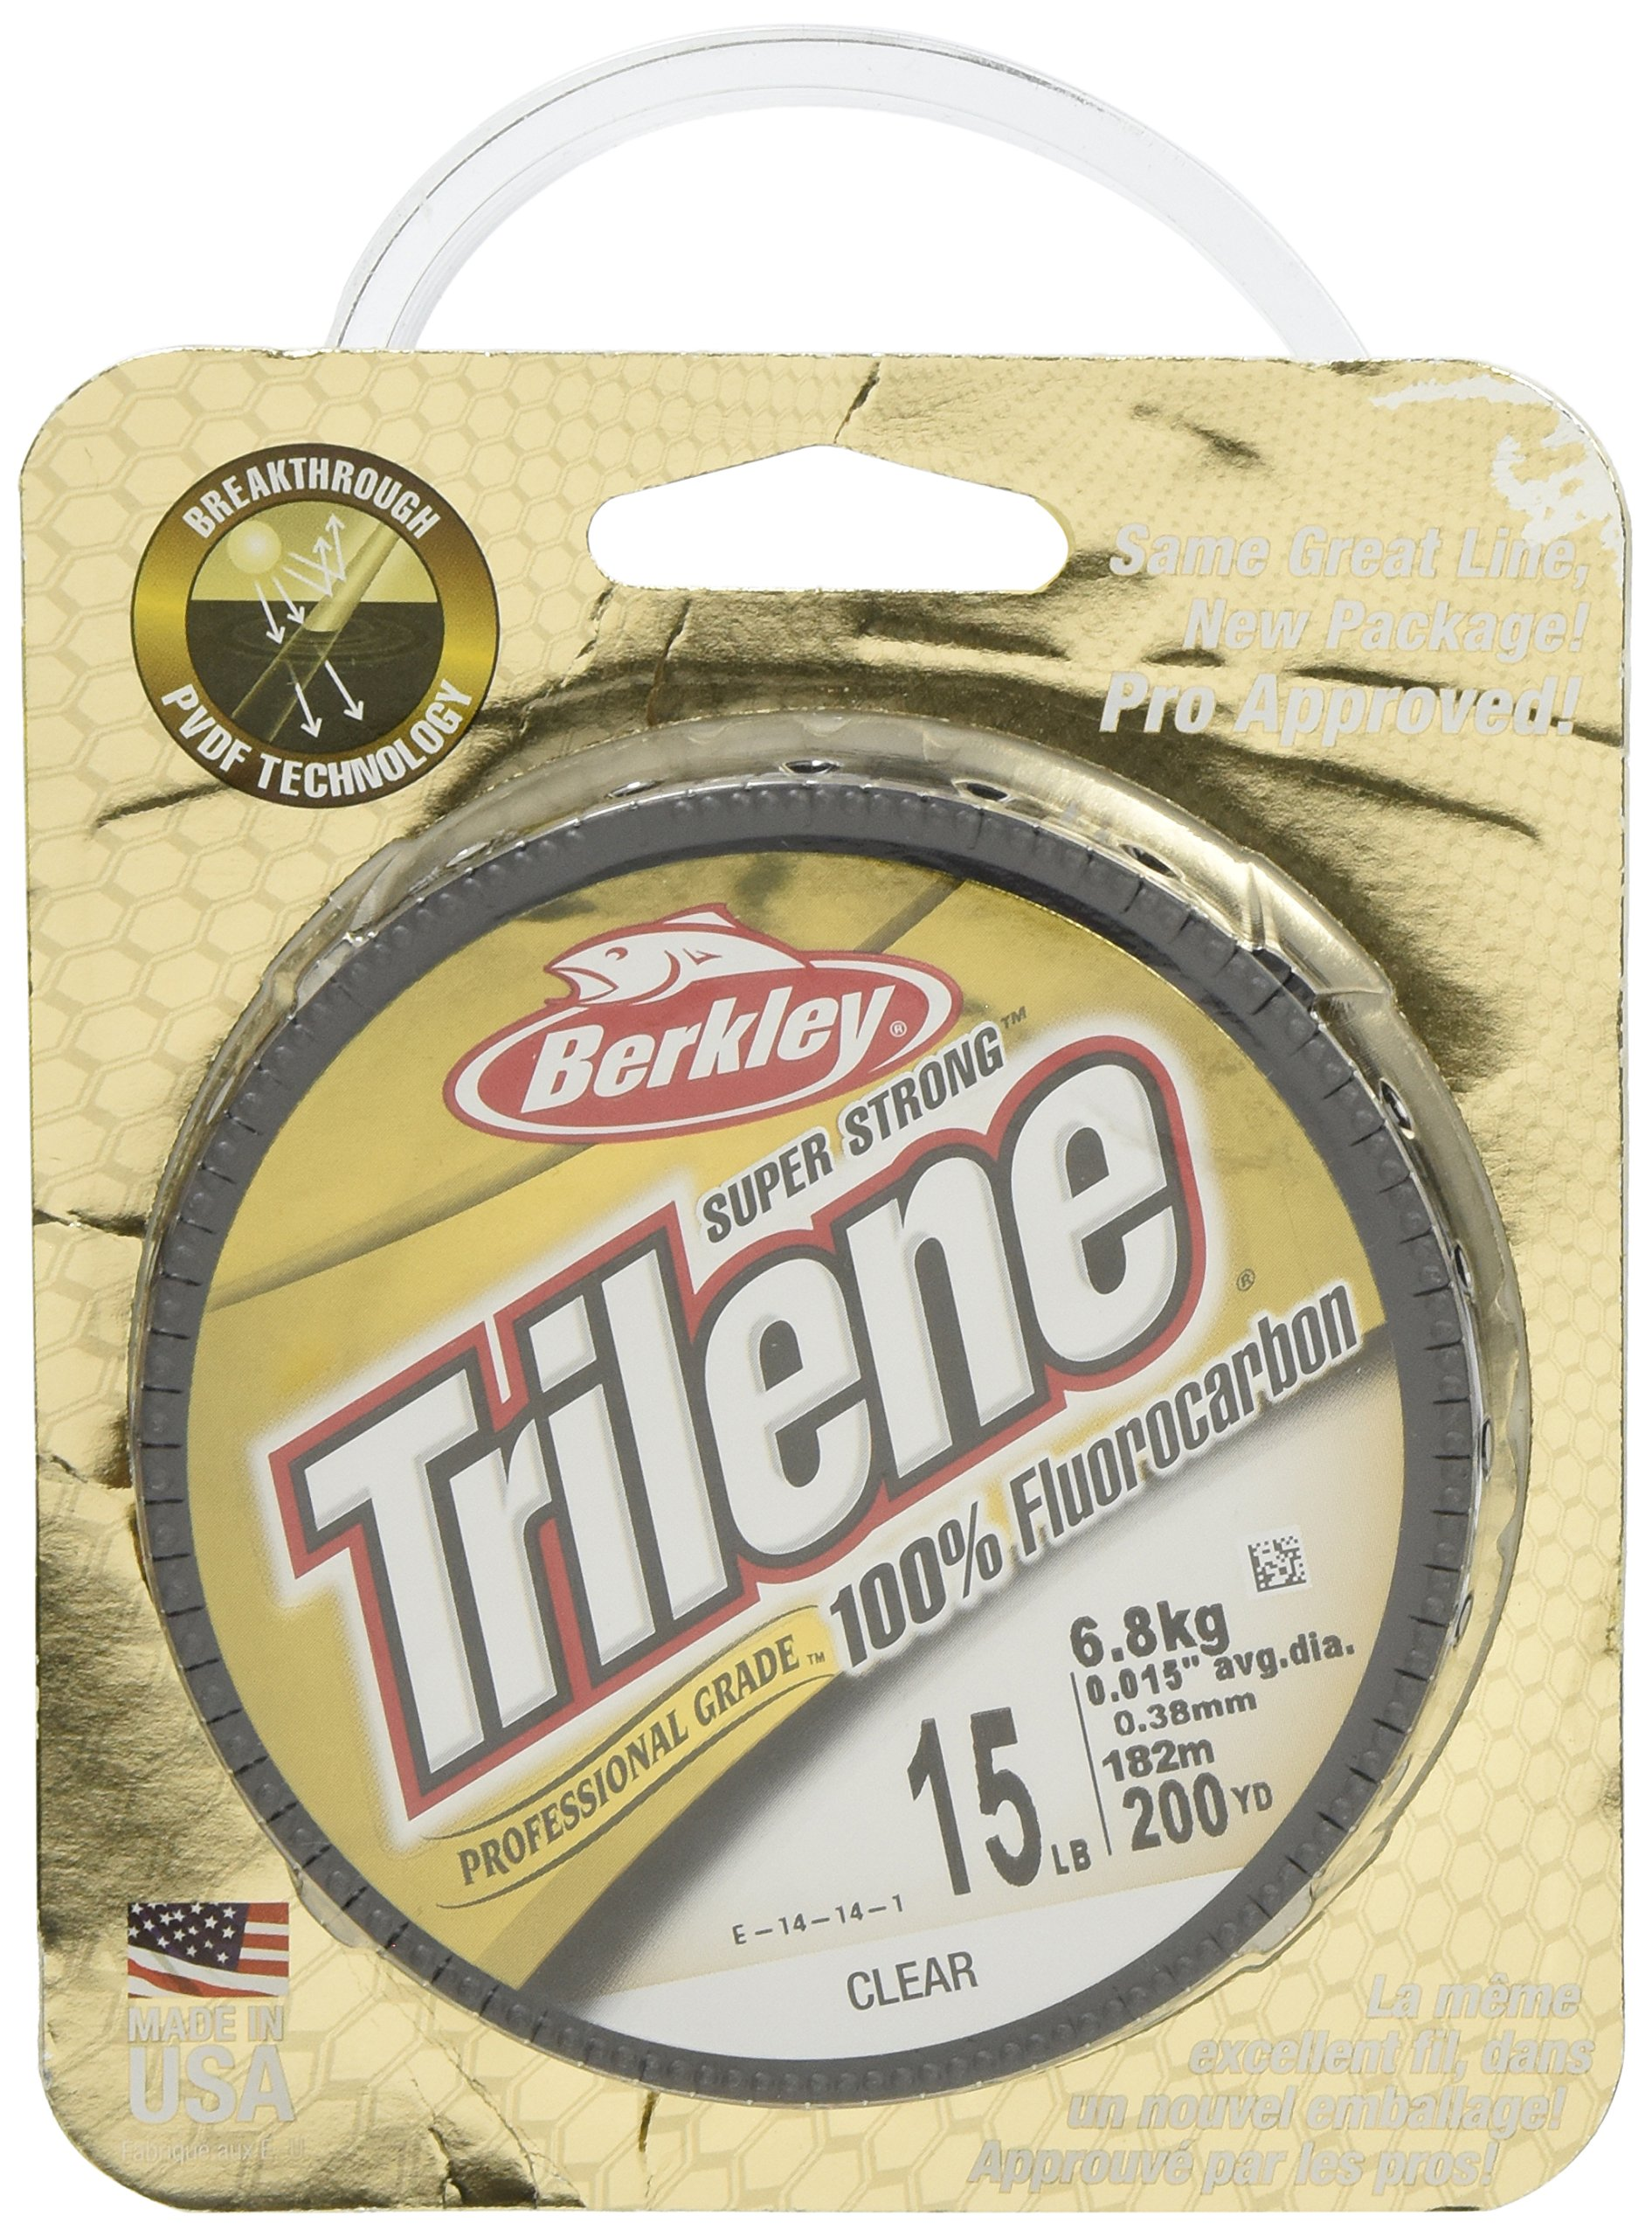 Berkley Trilene 100% Fluorocarbon Fishing Line/Leader Material